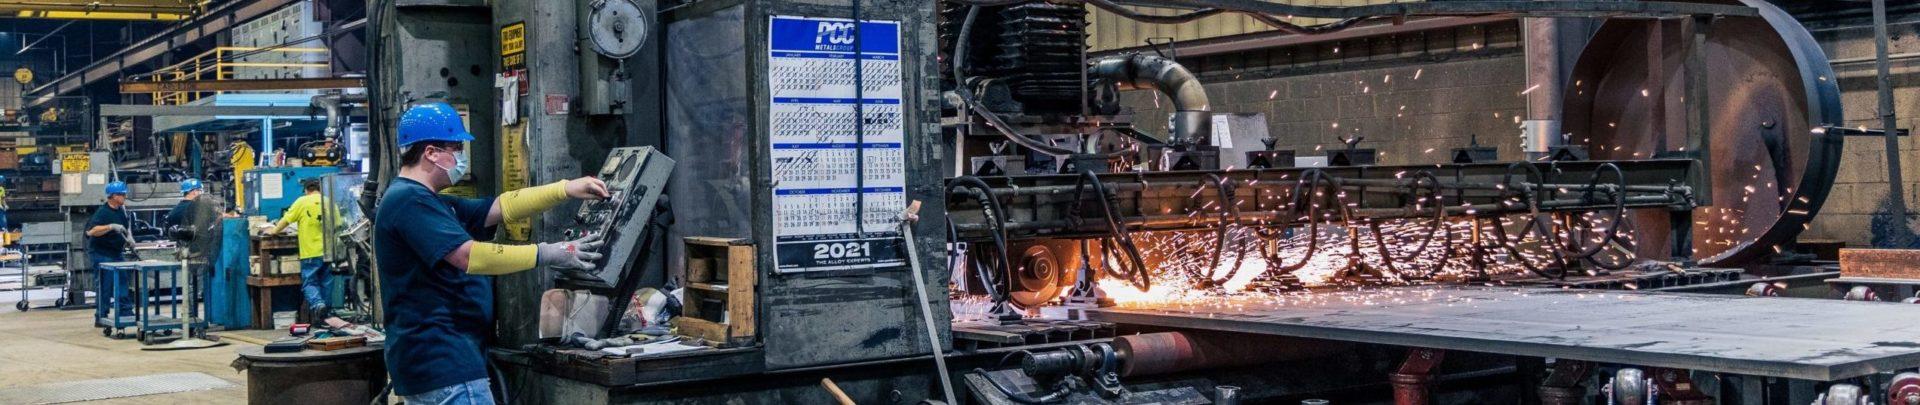 Industrie-Mitarbeiter bedient Fertigungsanlage